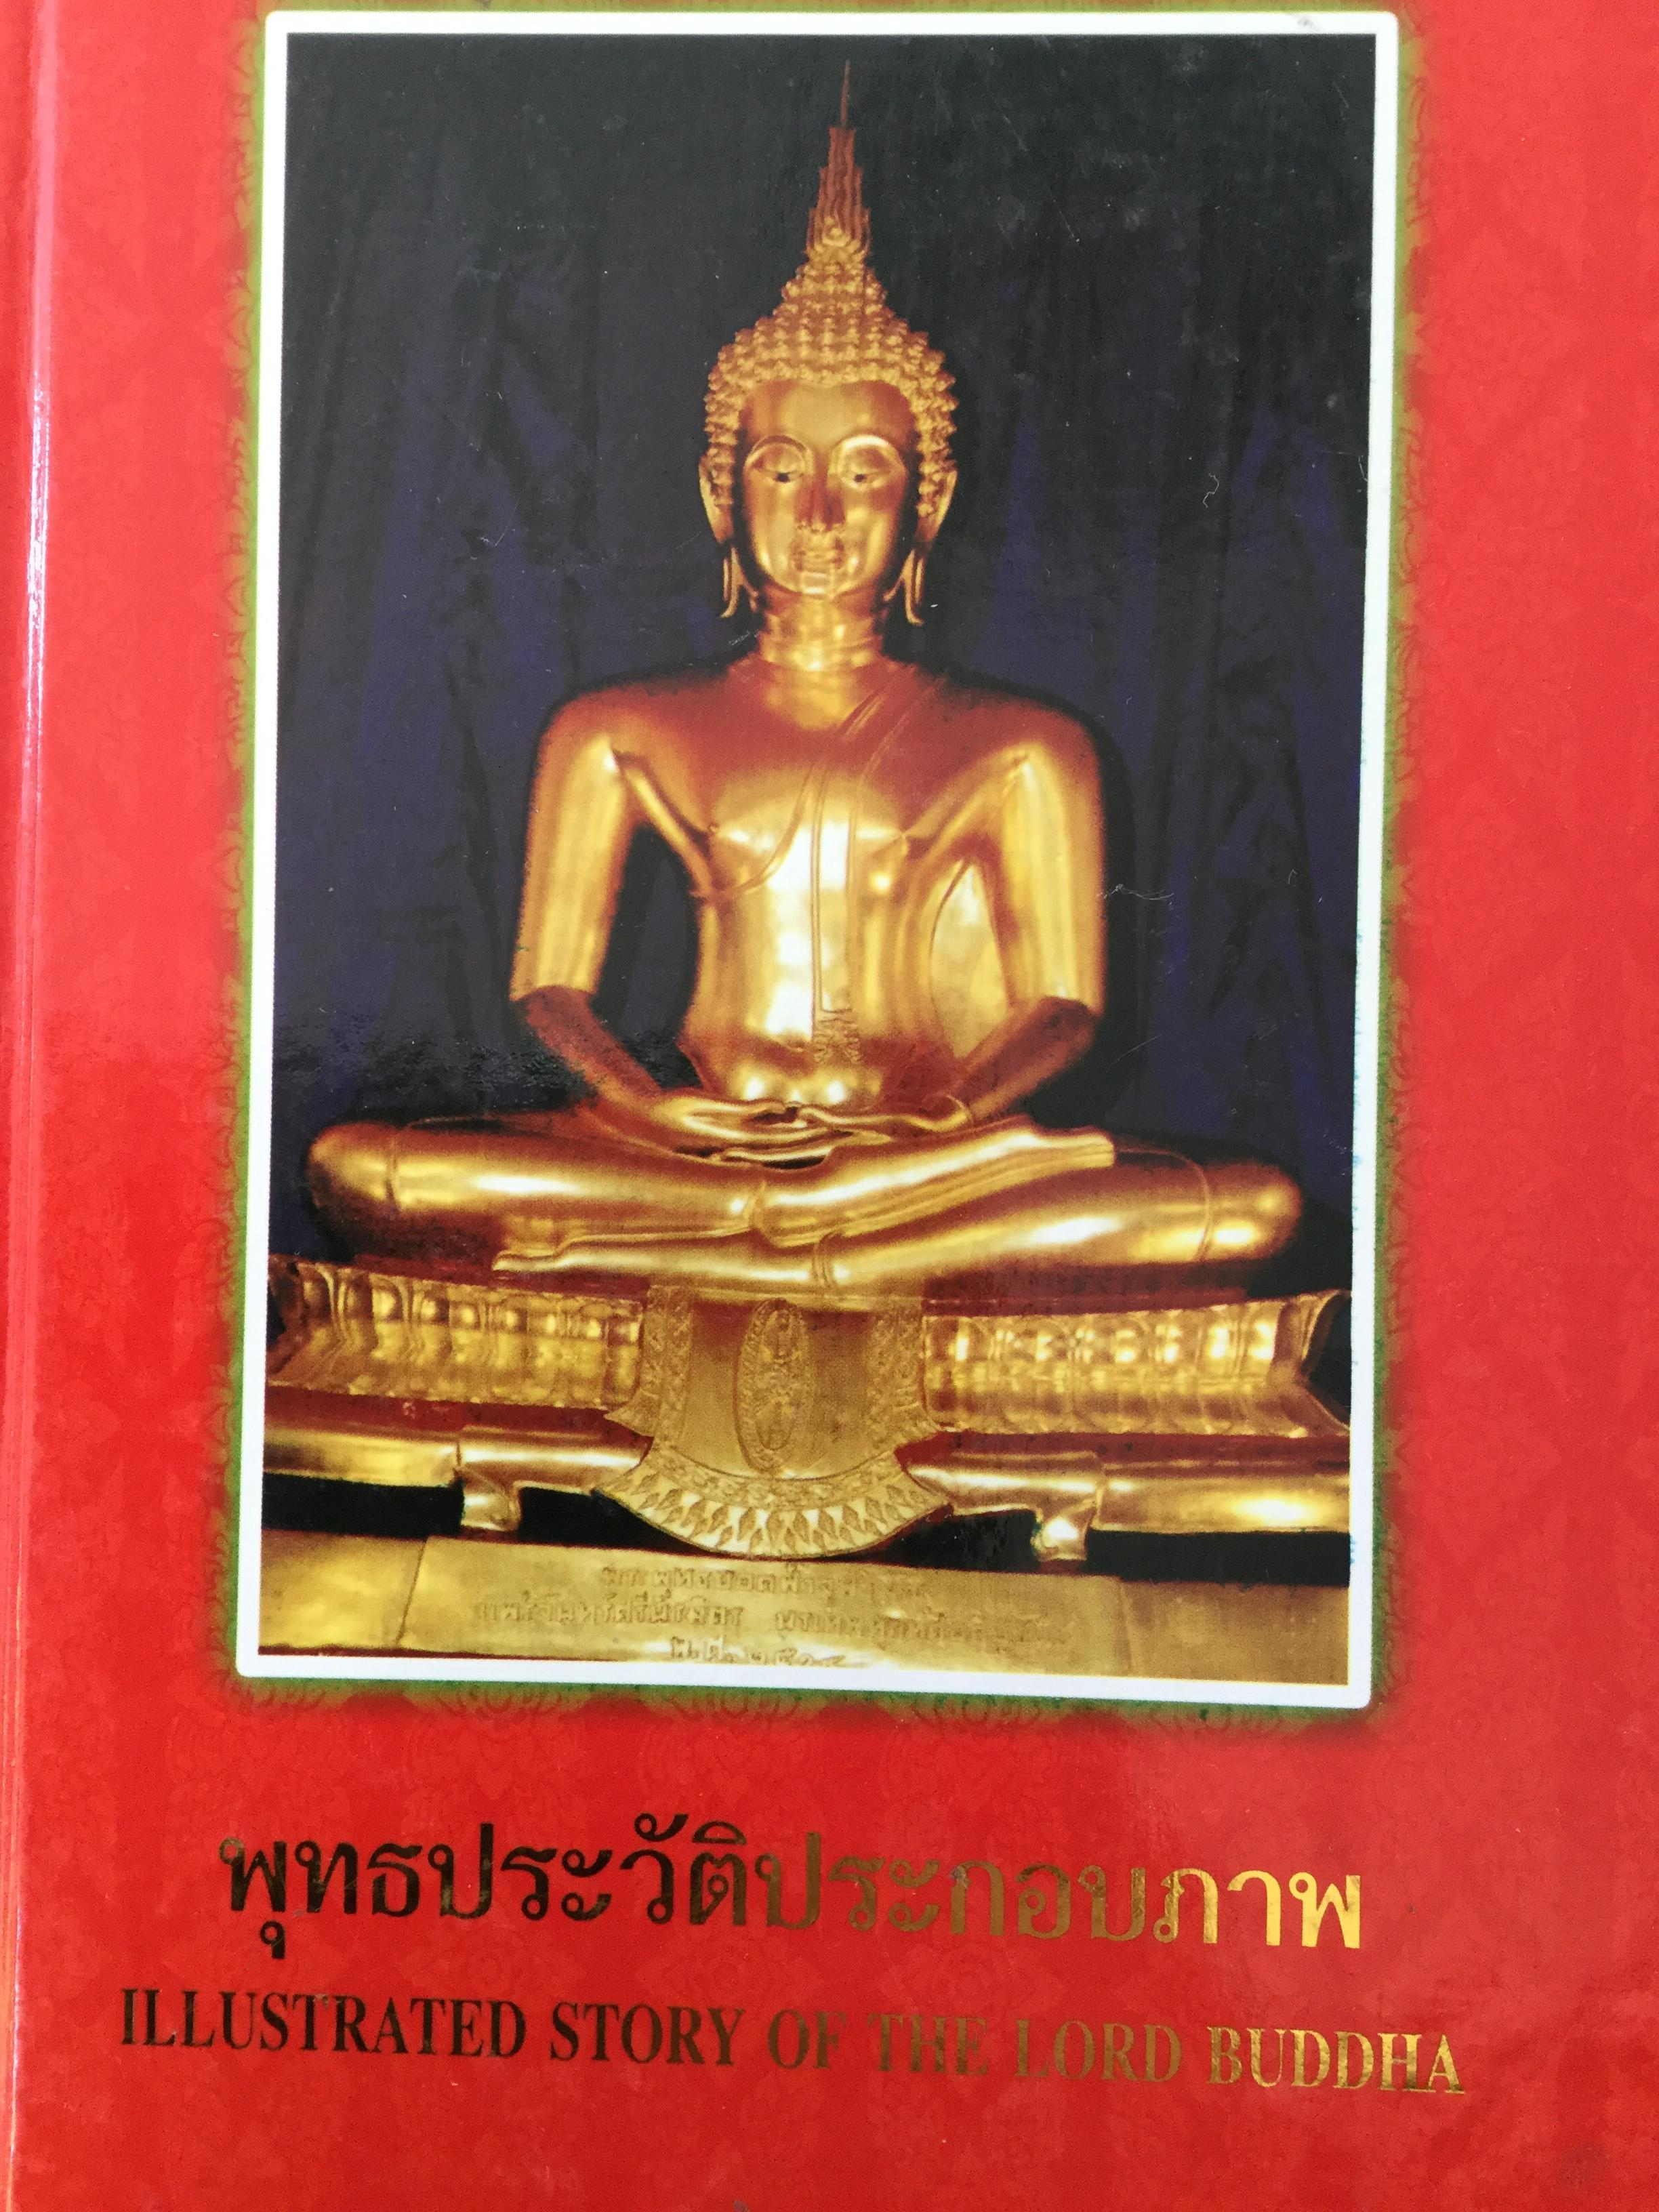 พุทธประวัติประกอบภาพ Illustrates Story of the Lord Buddha. บรรยายภาพสองภาษา ไทย-อังกฤษ